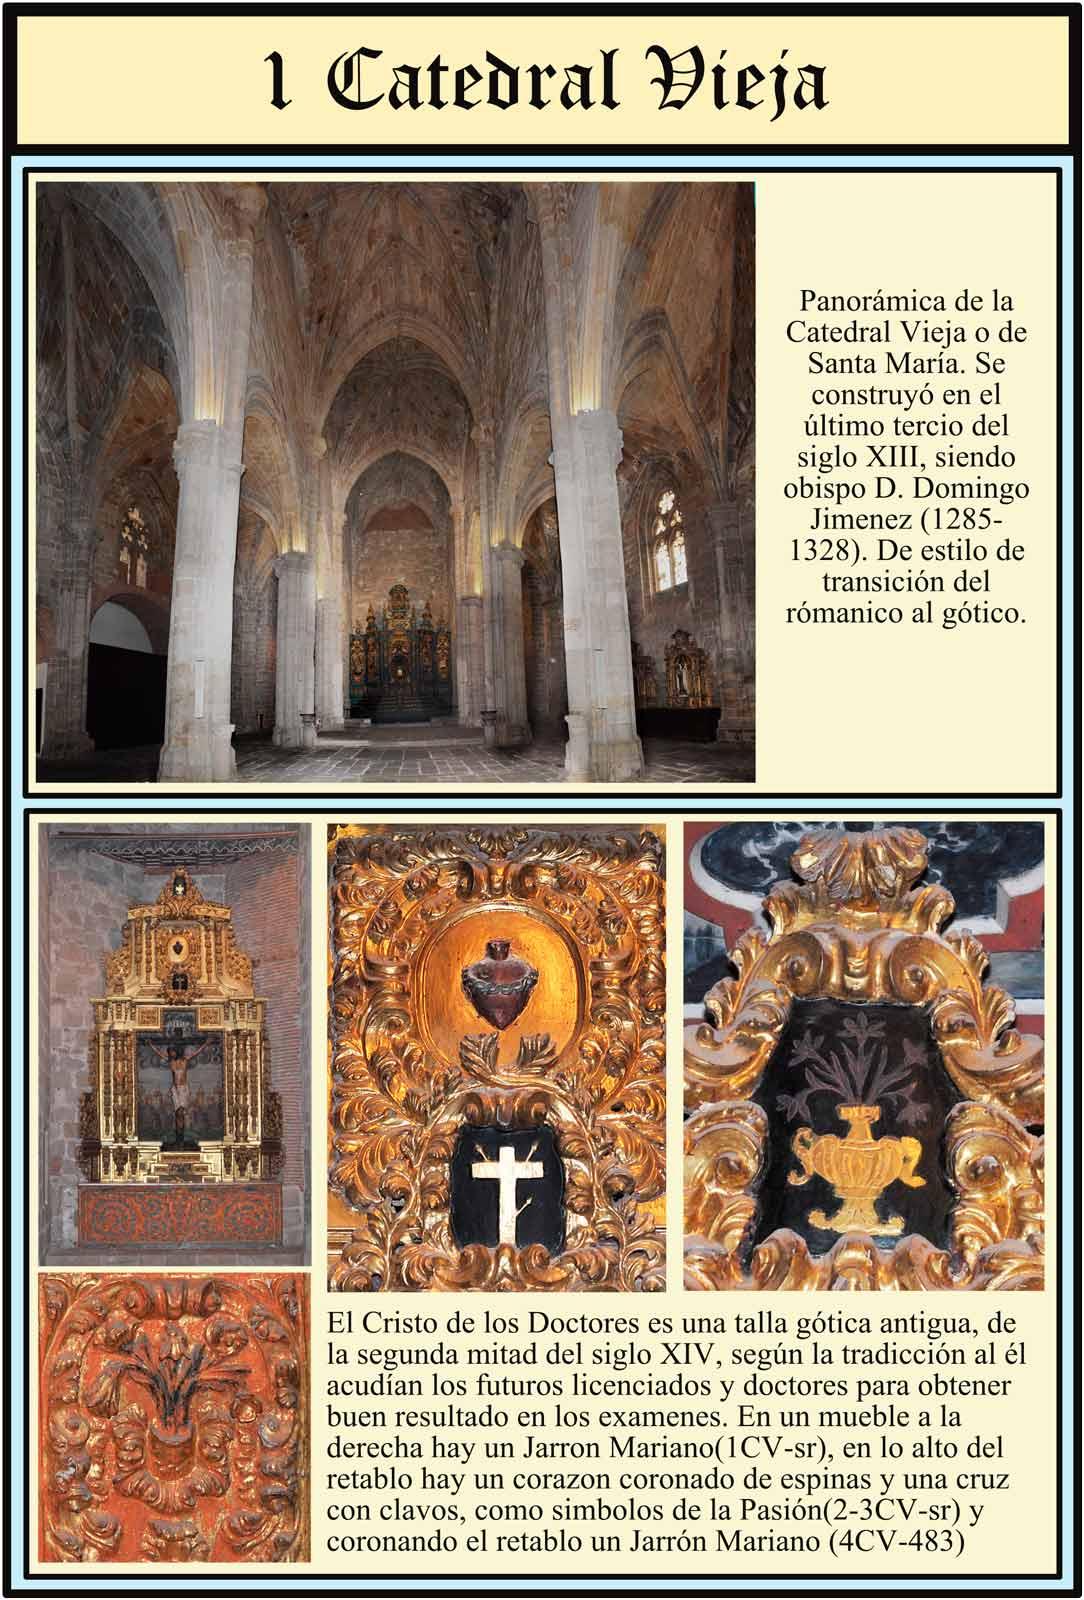 Cristo de los Doctores Catedral Vieja